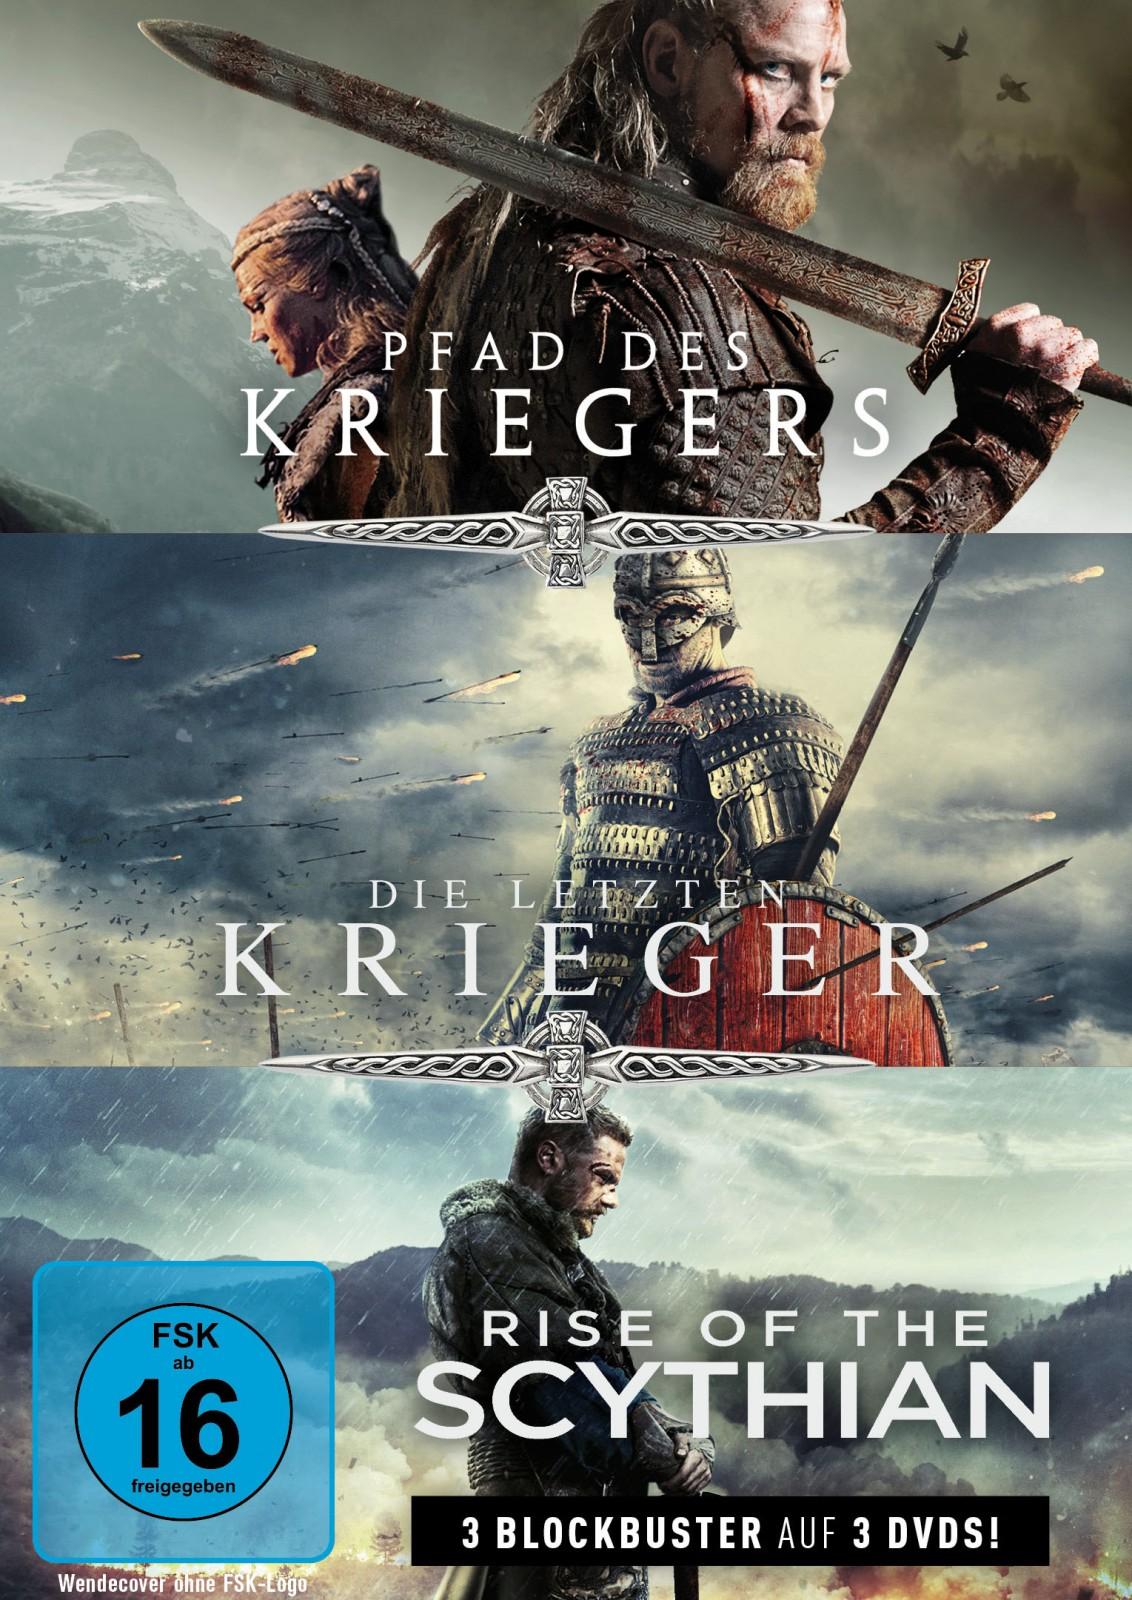 Die Letzten Krieger